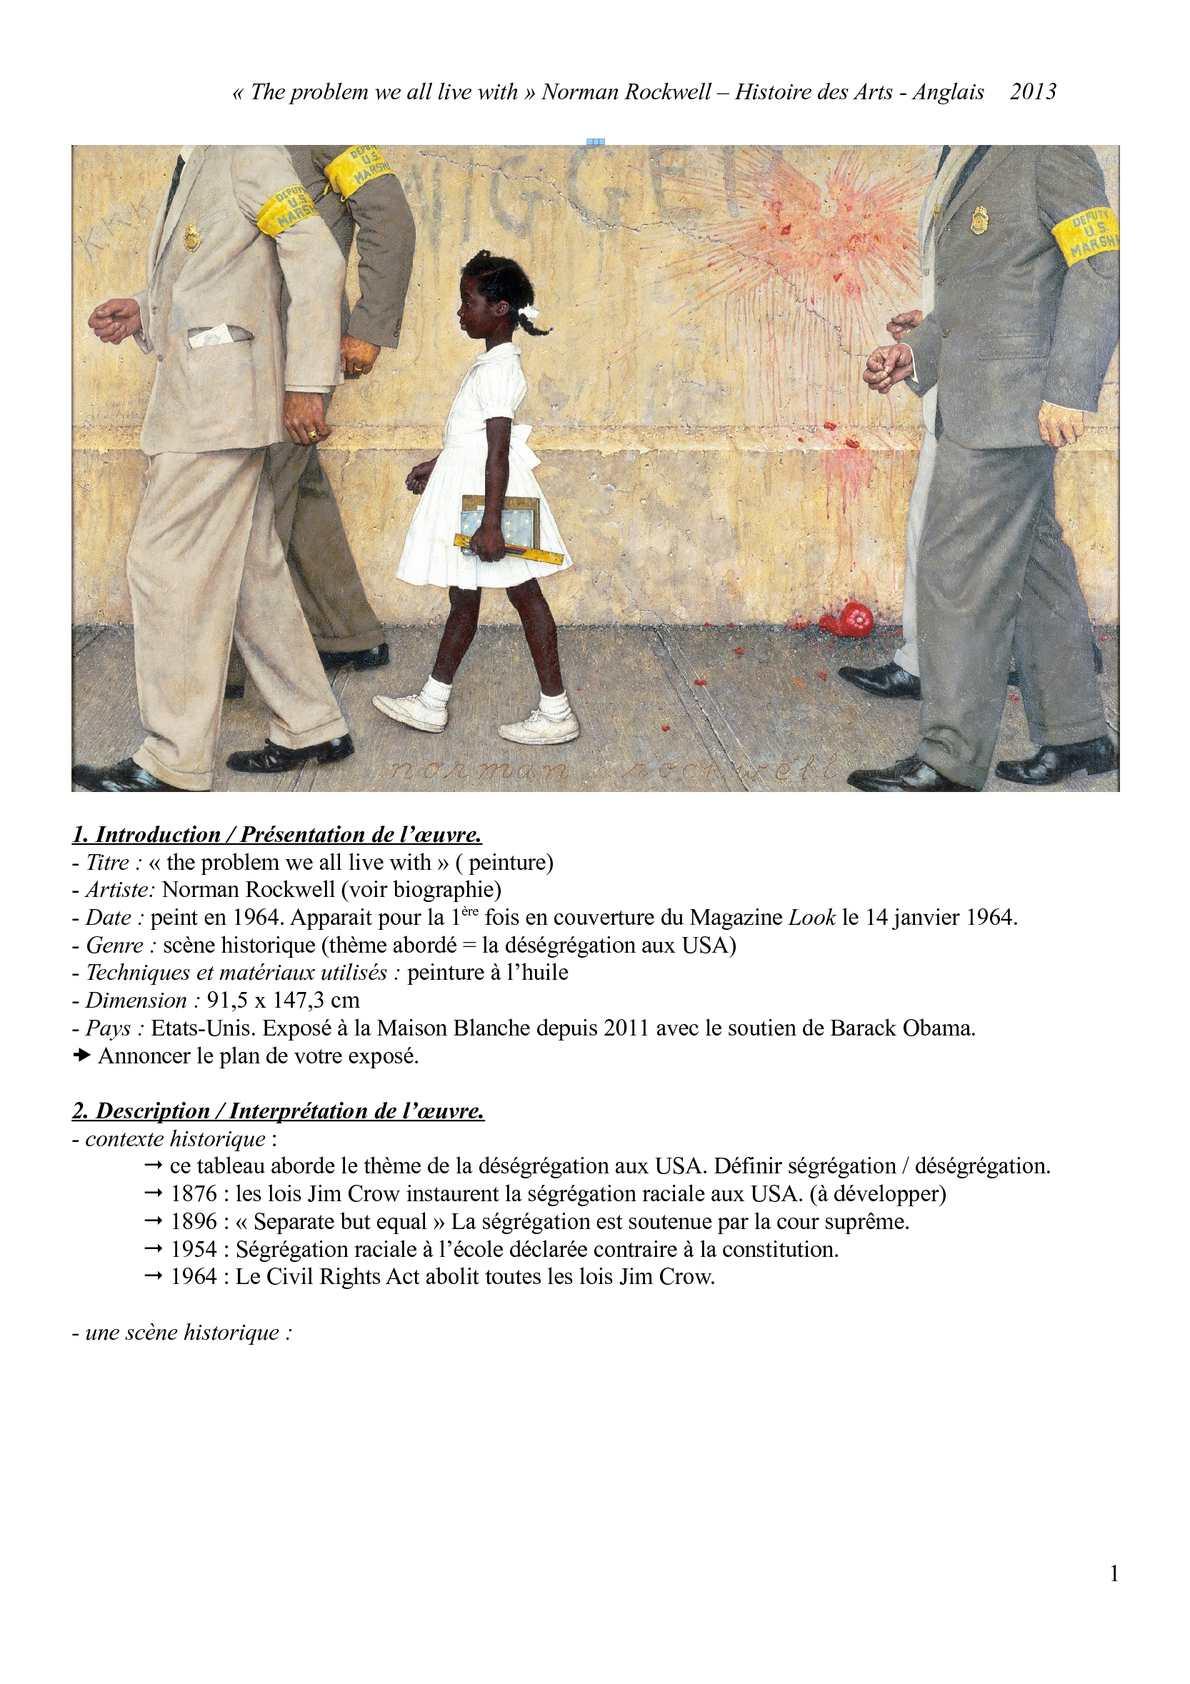 Calam o histoire des arts fad 2013 - La chambre des officiers contexte historique ...